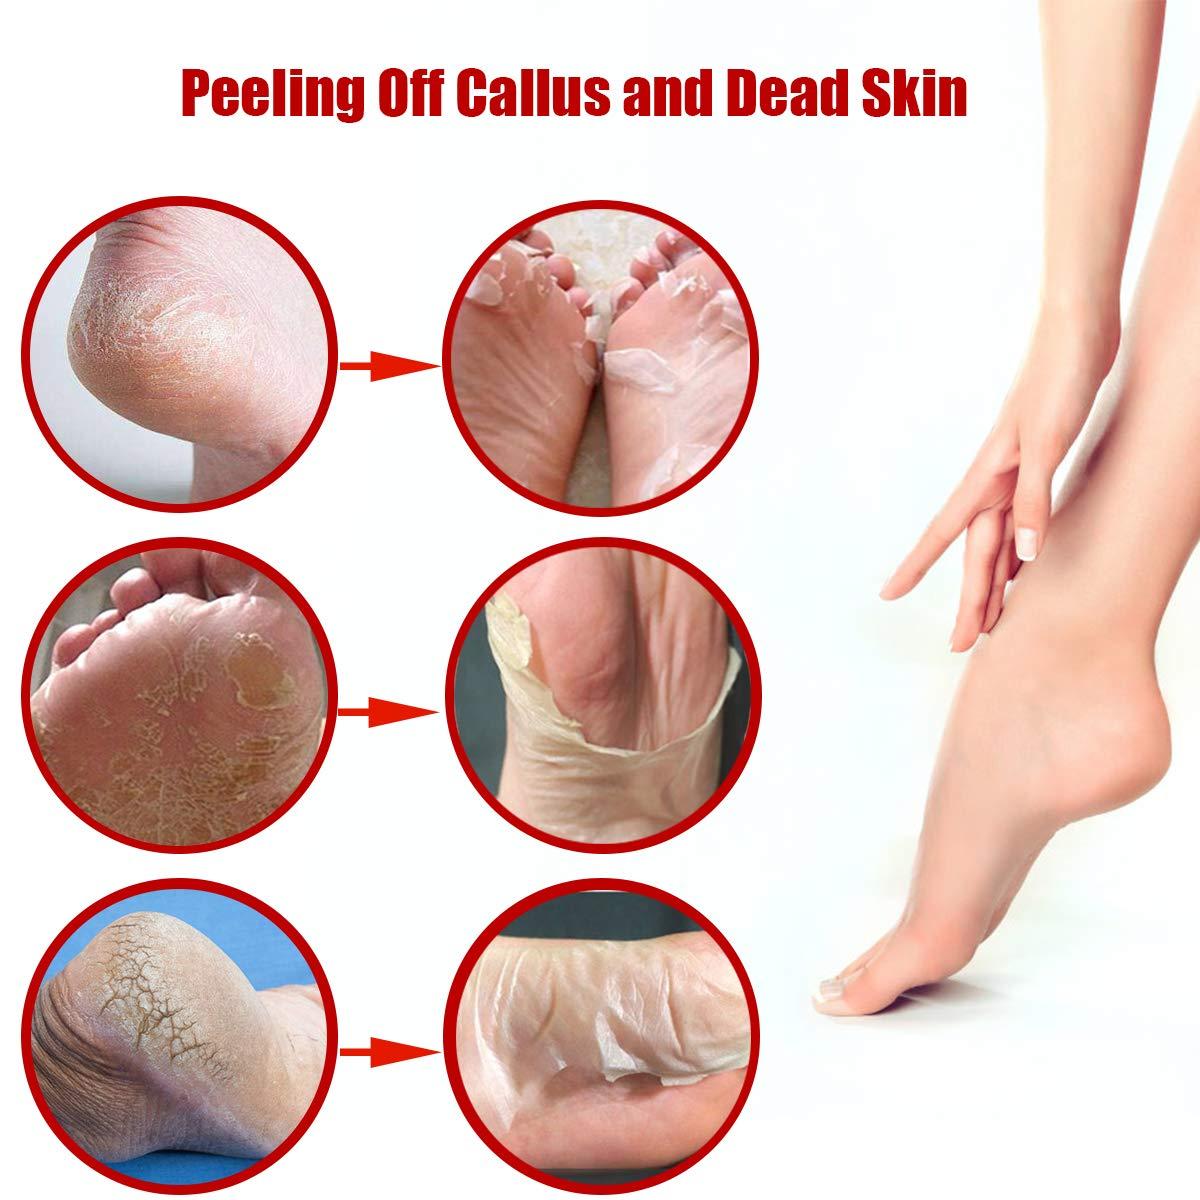 Fußmaske, 2 Paar Fuß Peeling Maske Peeling Dead Skin Maske Hornhautentferner Socken Rose Exfoliating Foot Maske Samtweiche und zarte Füße für Männer Frauen